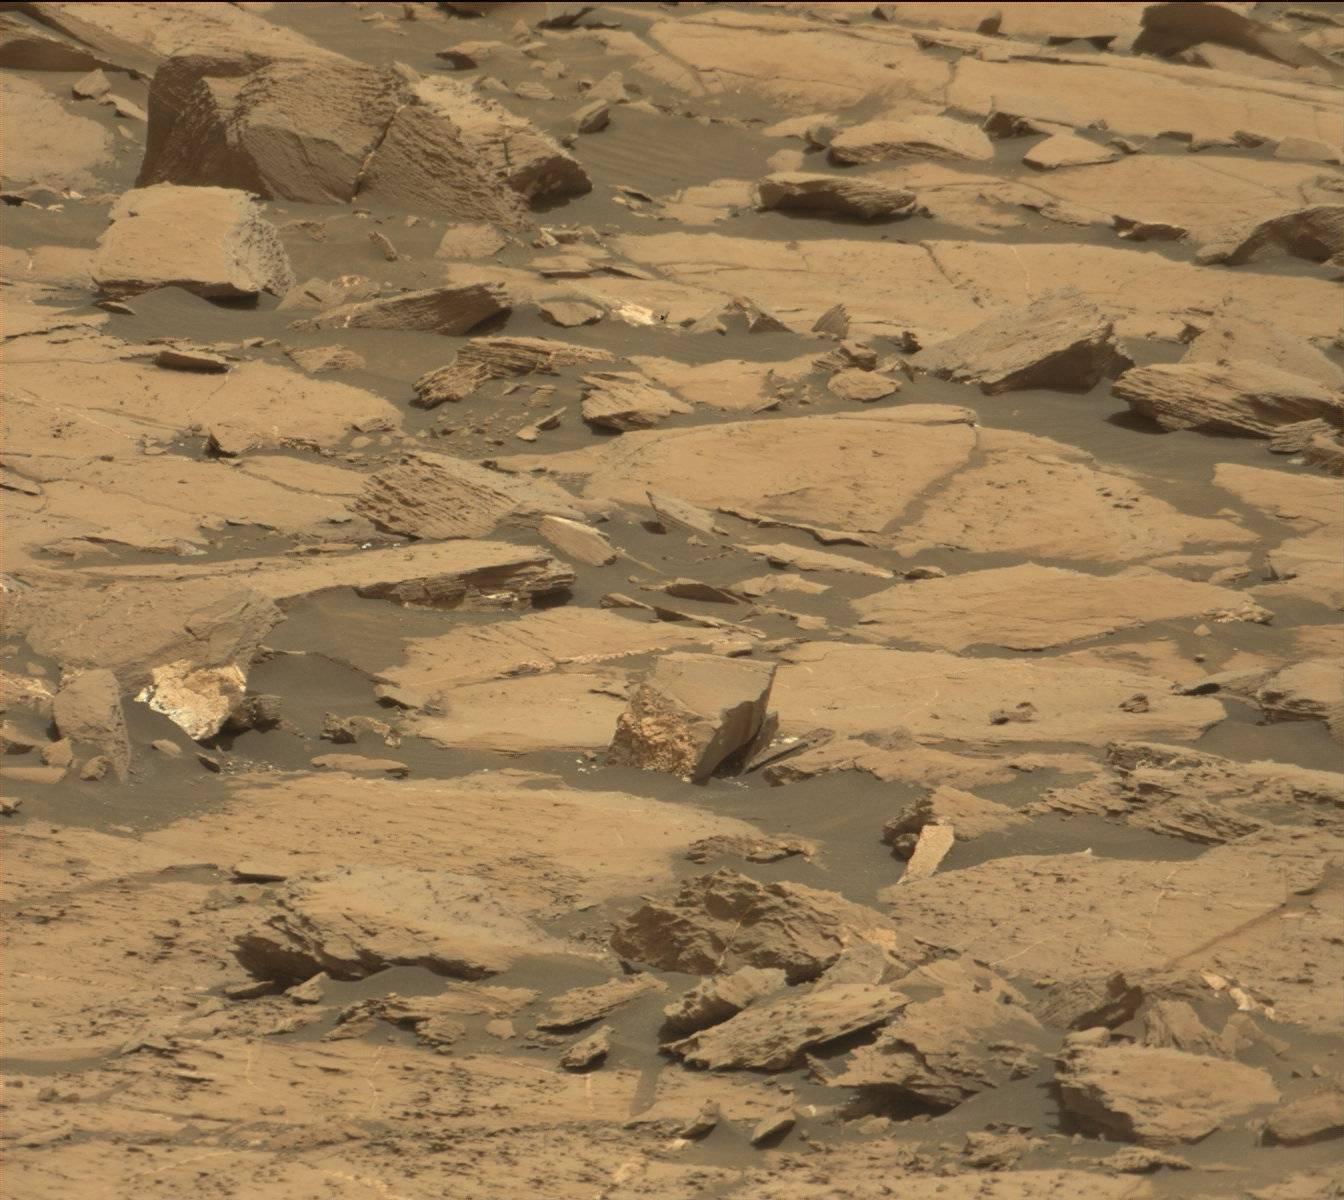 jpl mars rover curiosity - photo #37